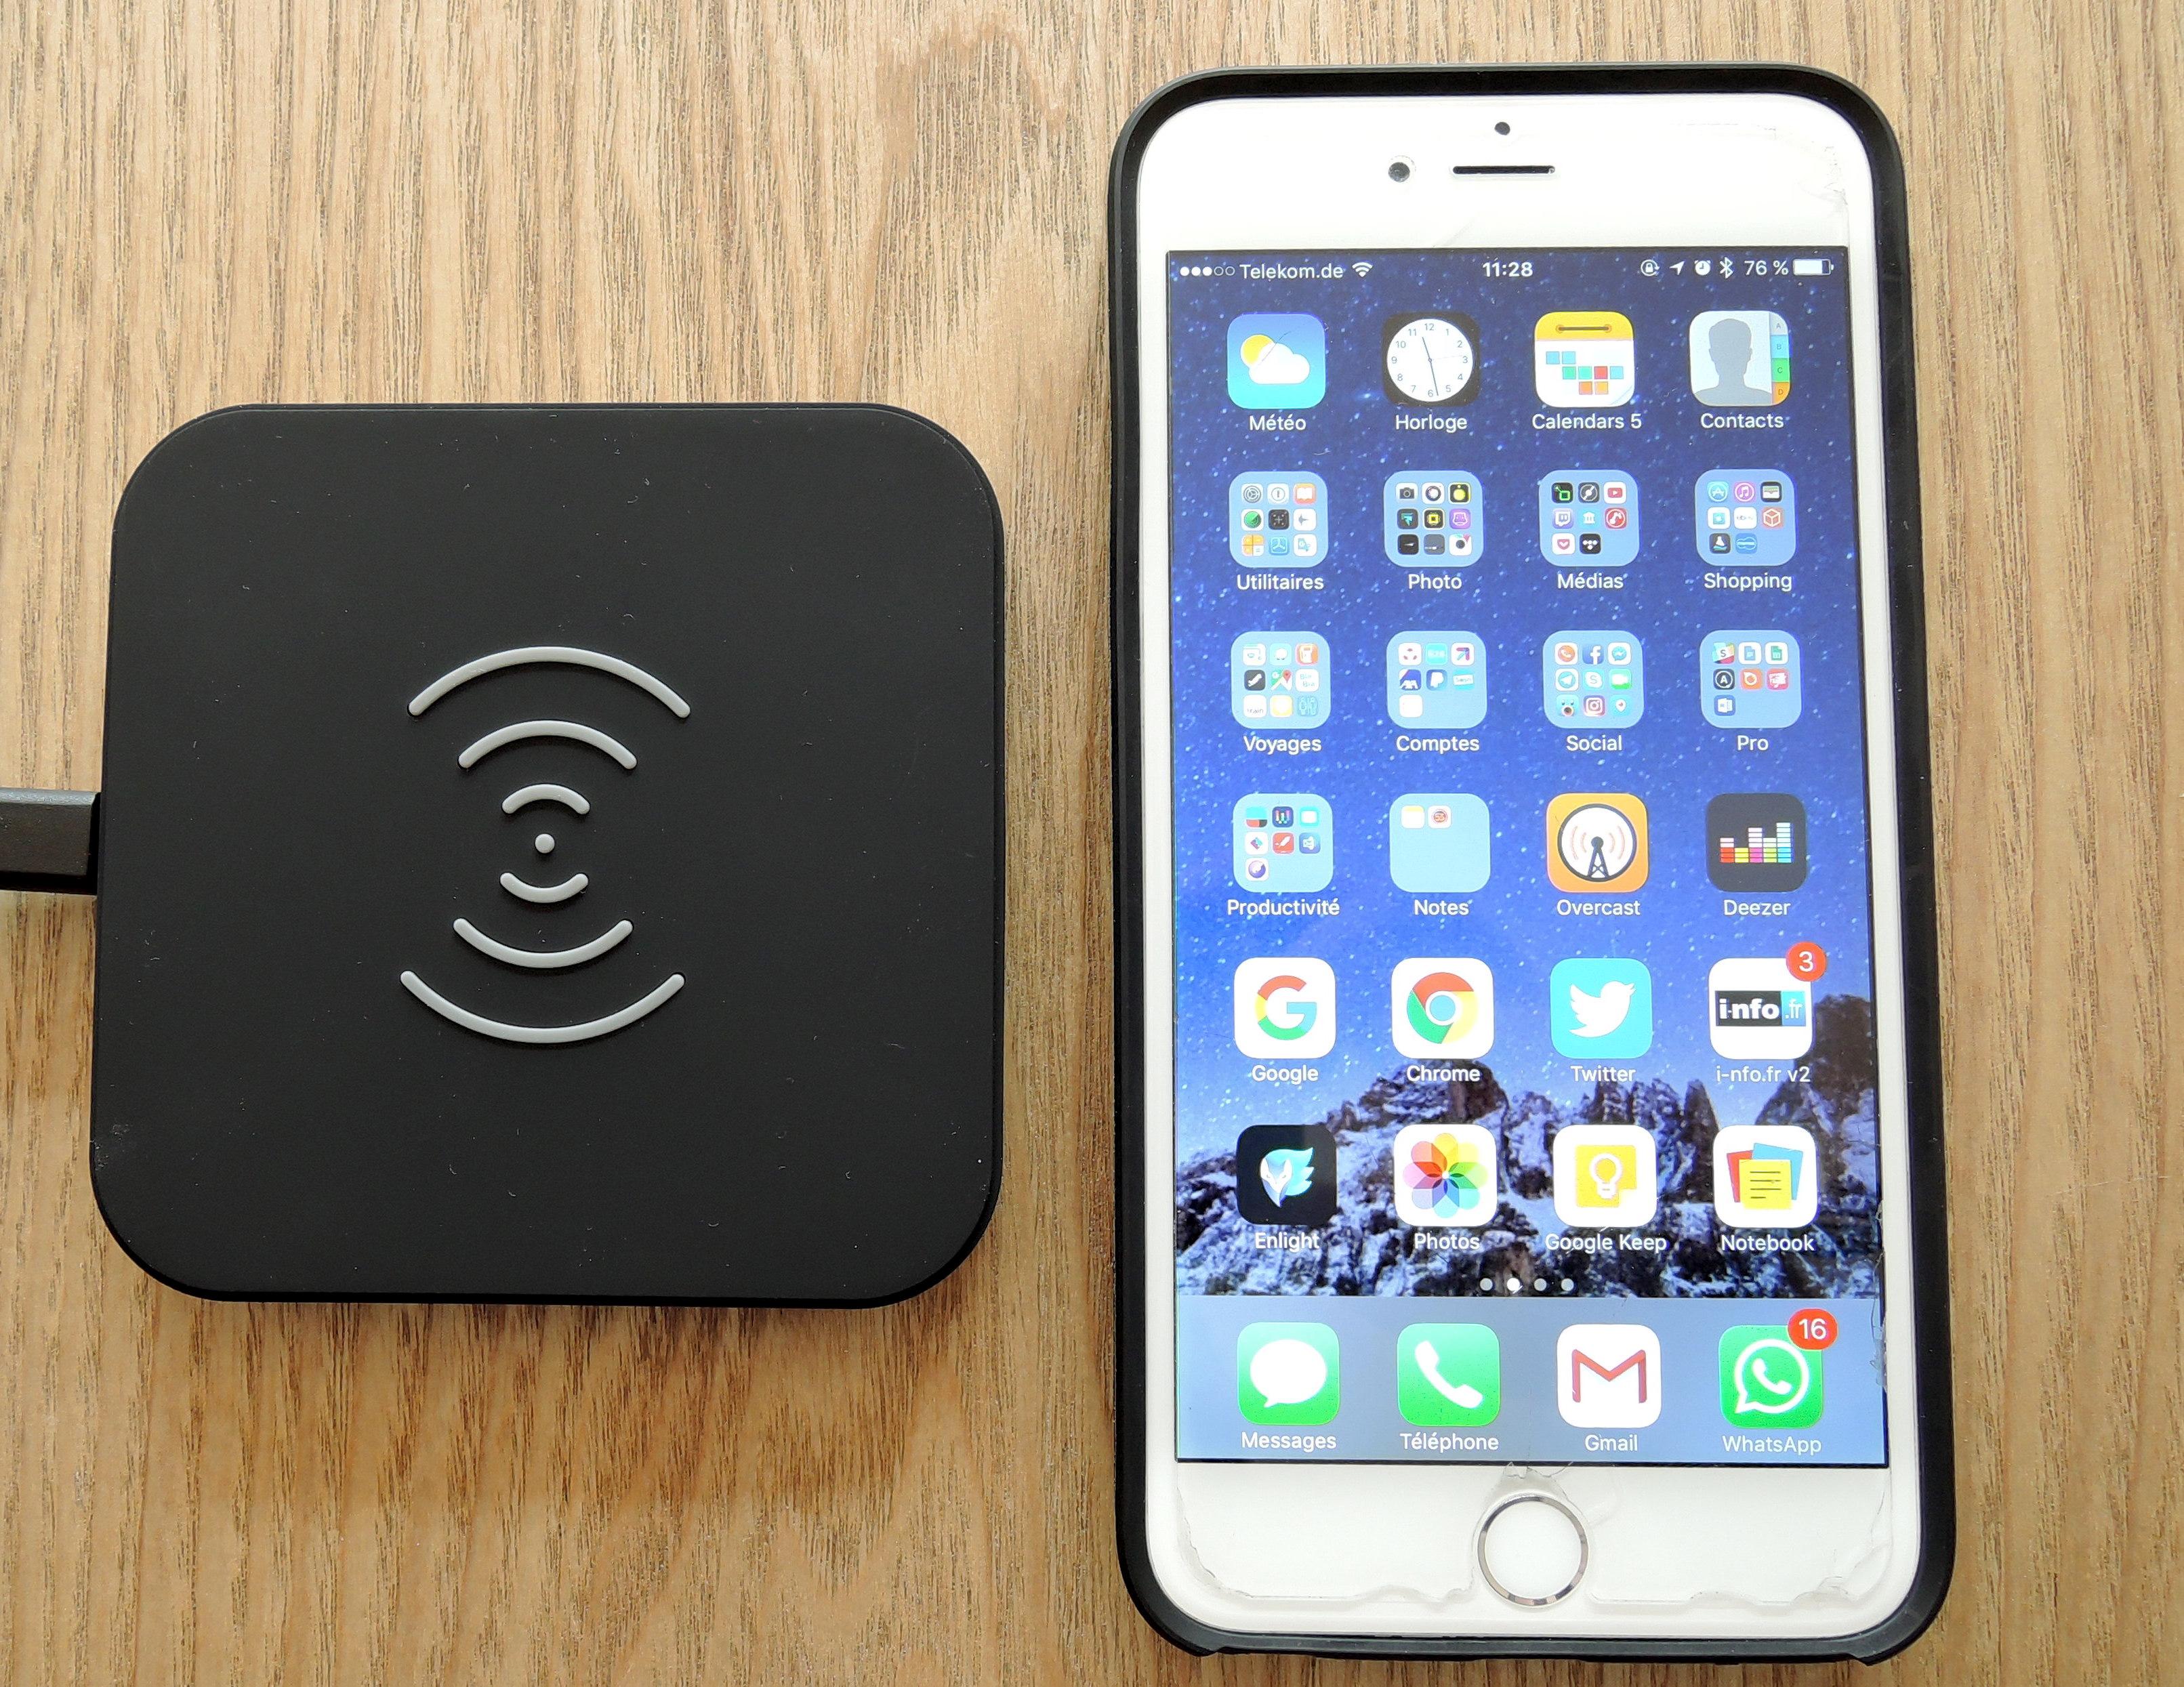 test de la recharge iphone sans fil compatible qi propos e par la marque choetech. Black Bedroom Furniture Sets. Home Design Ideas